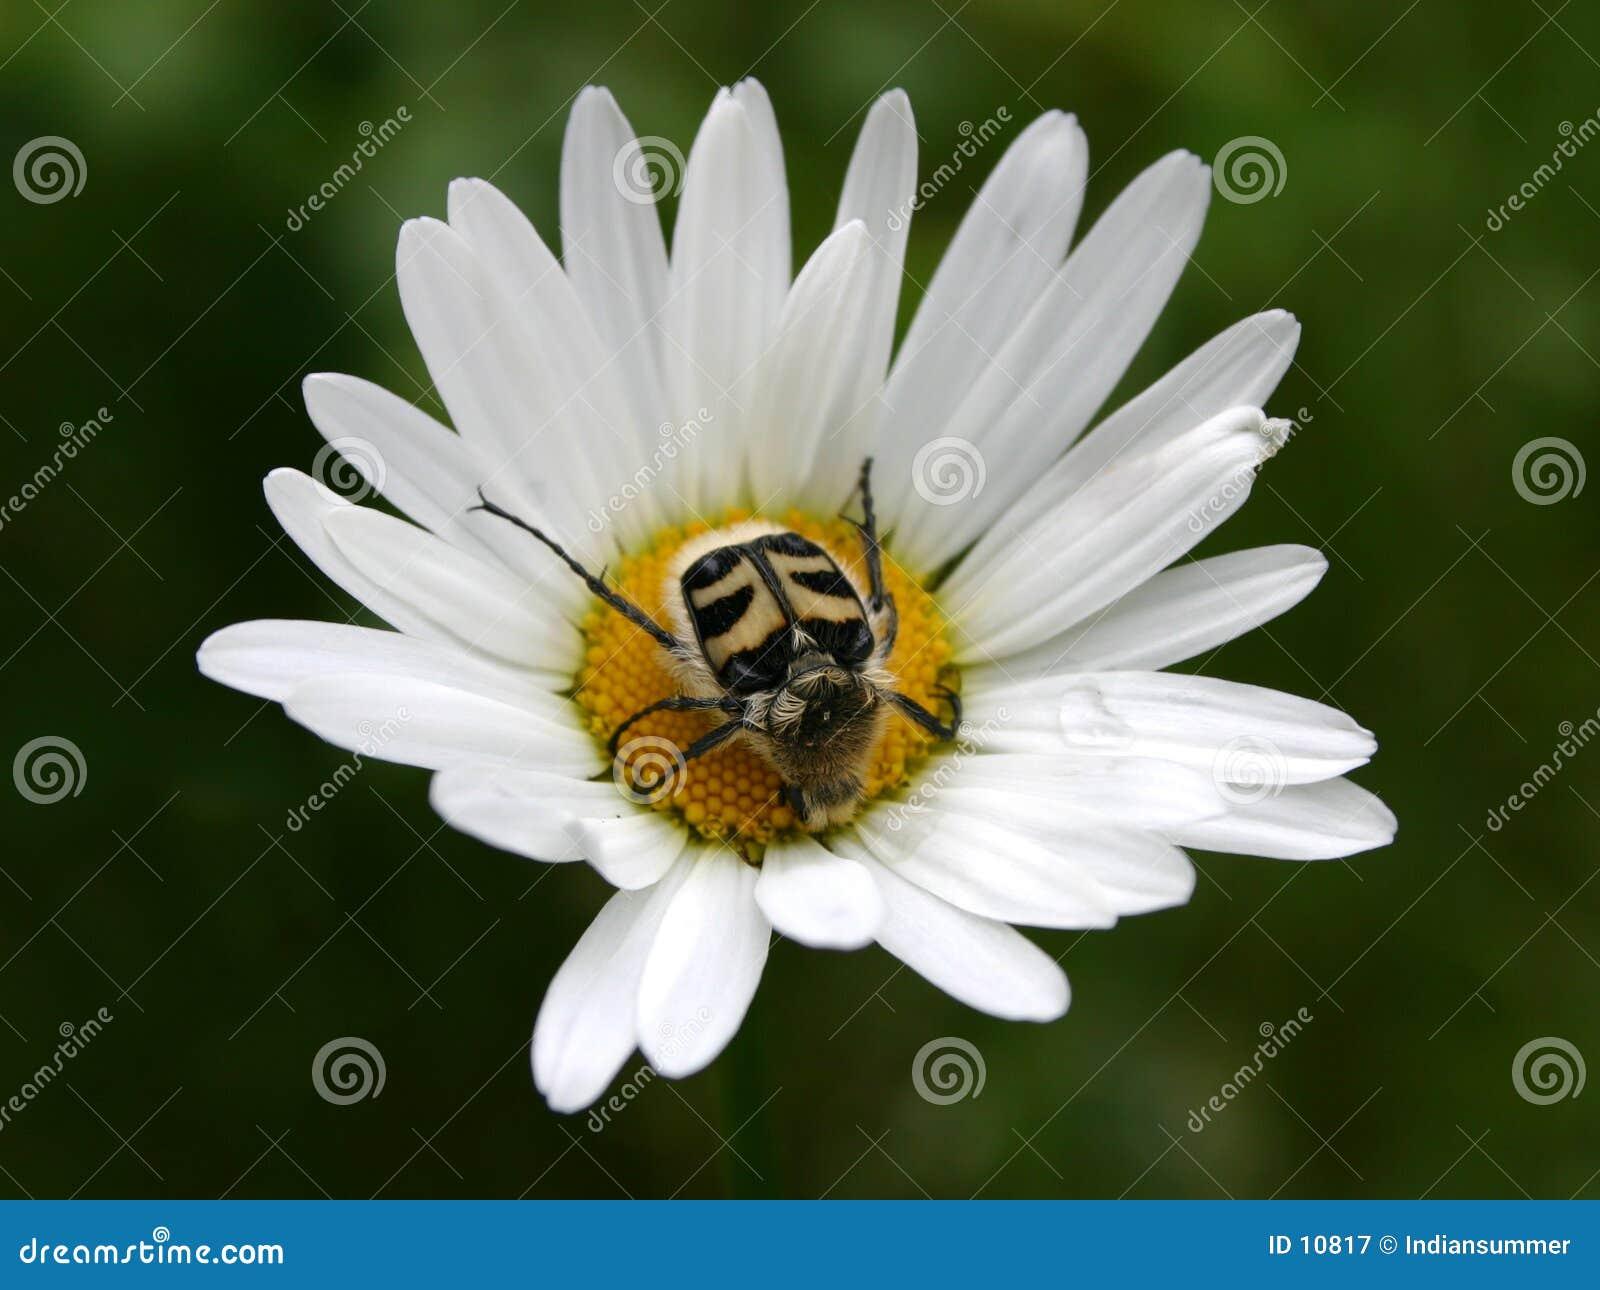 Bug s life V